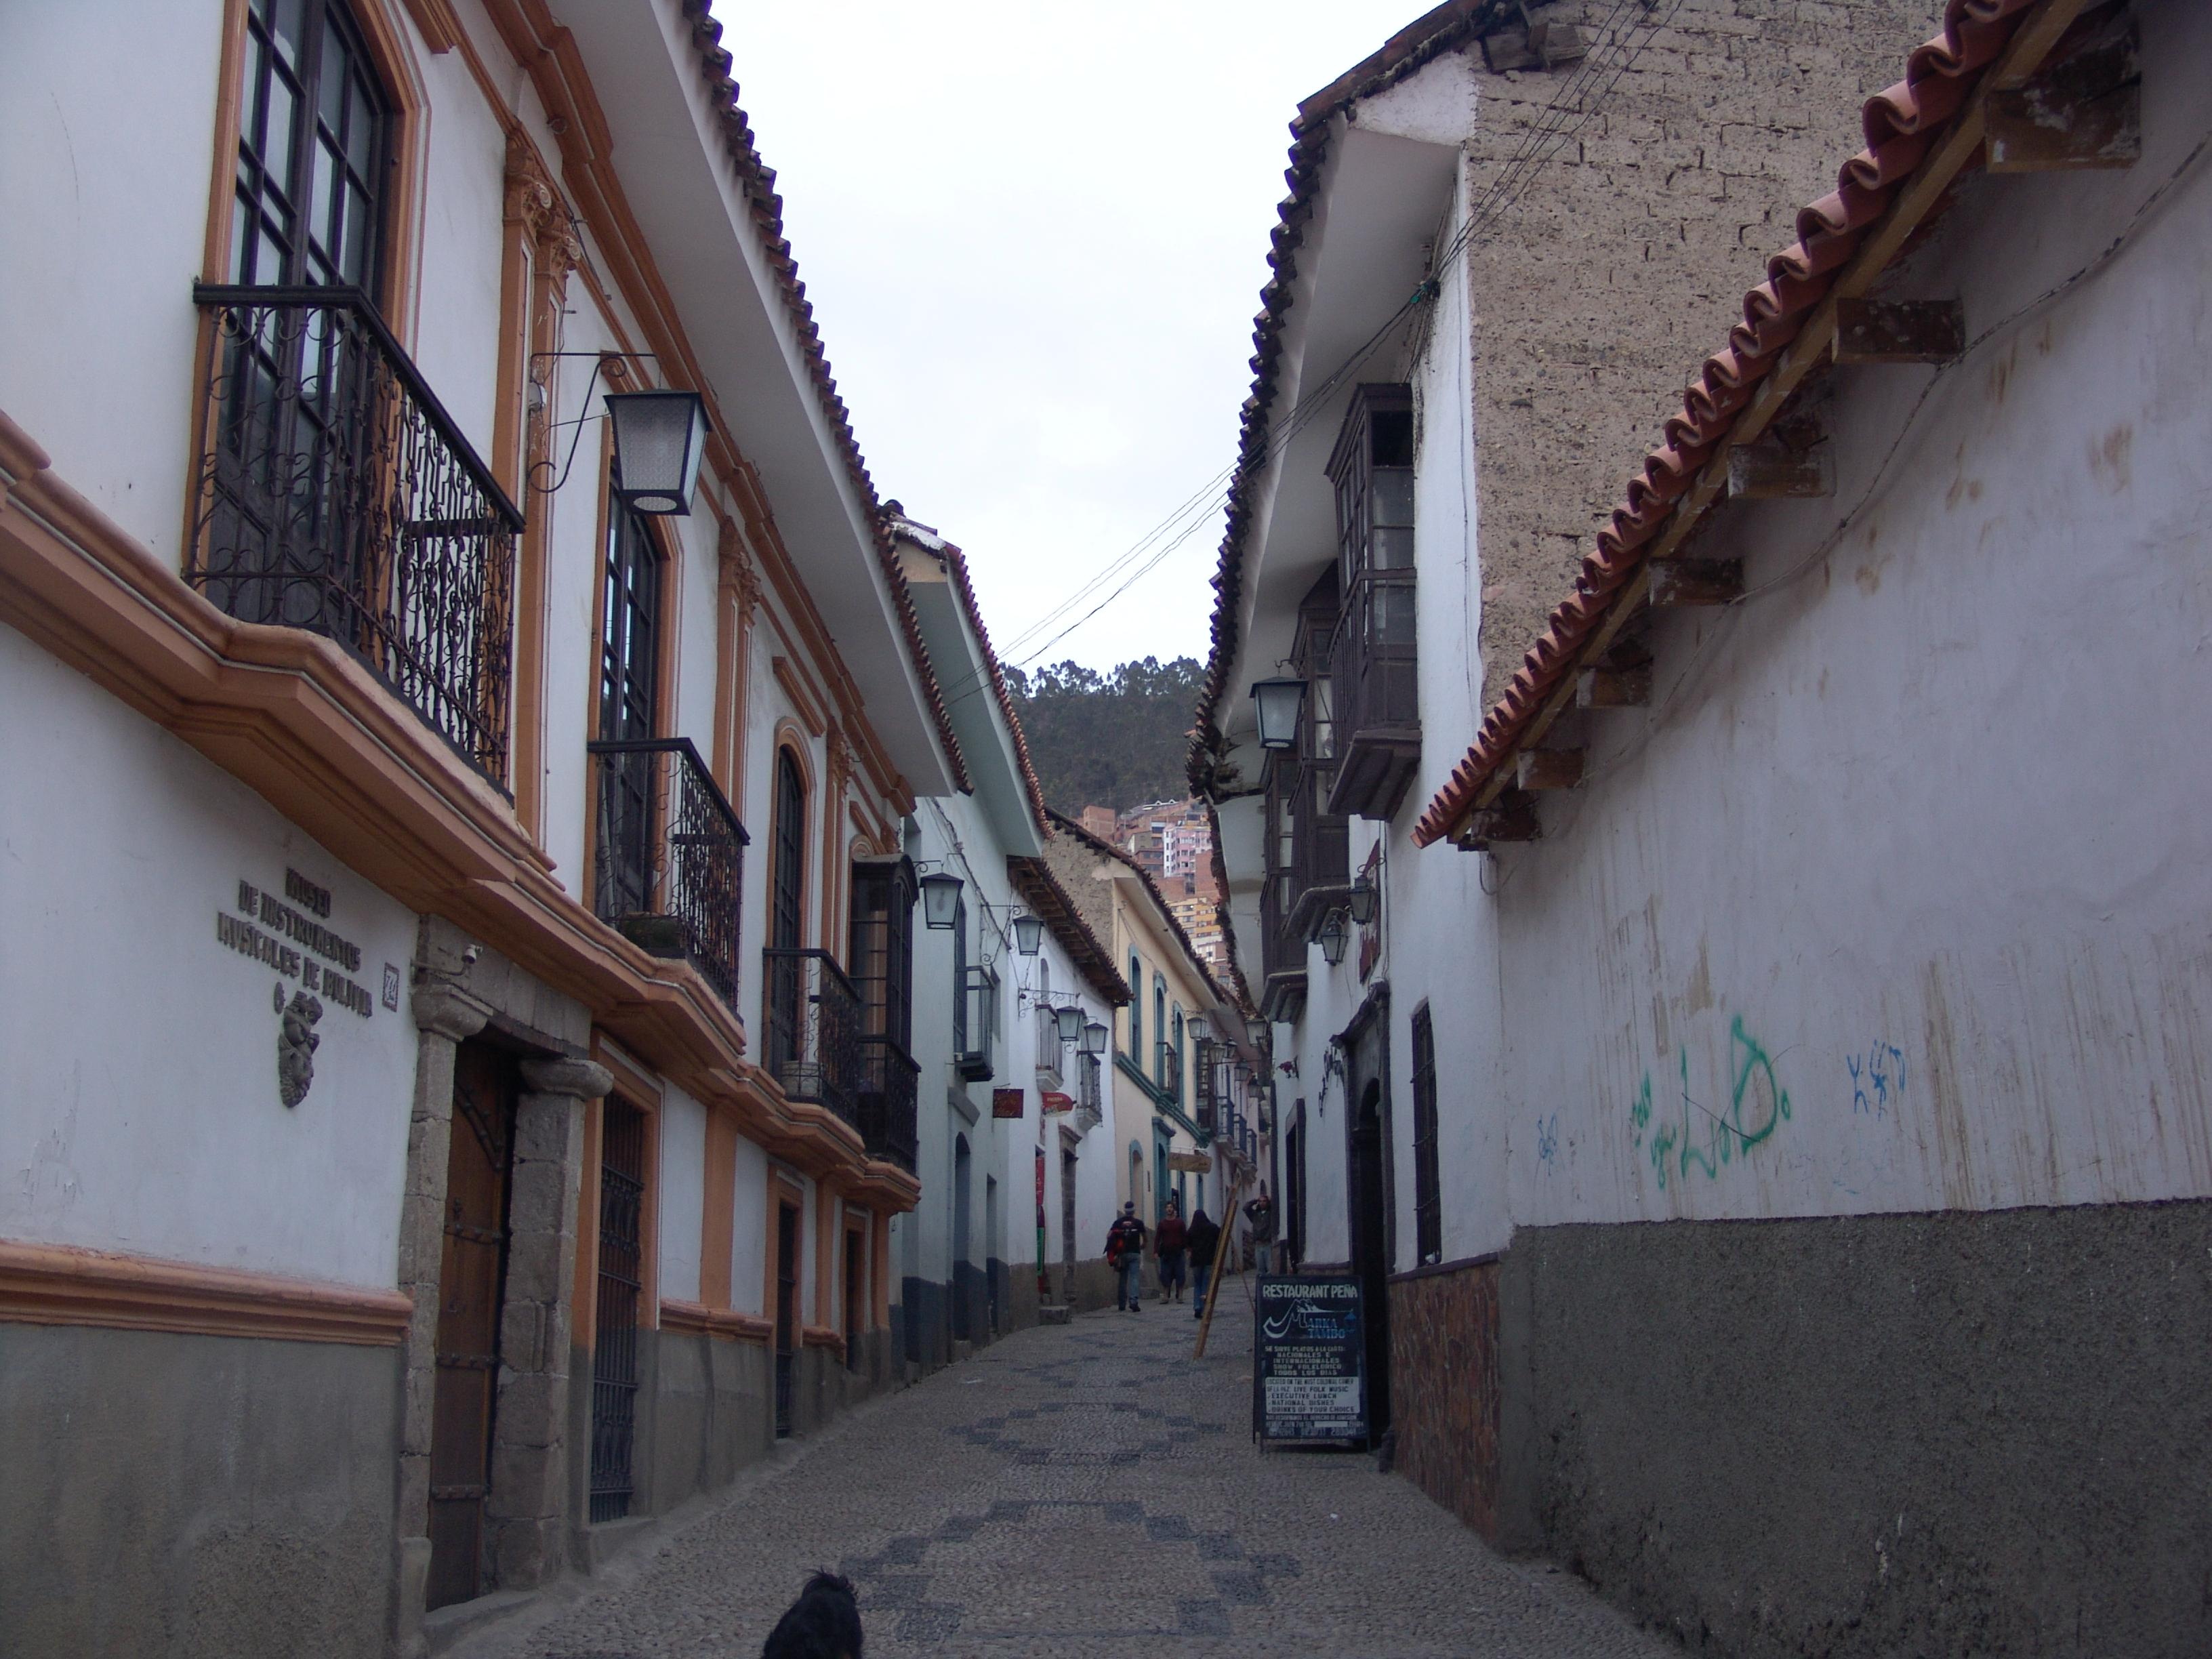 Leyenda de la calle Jaén